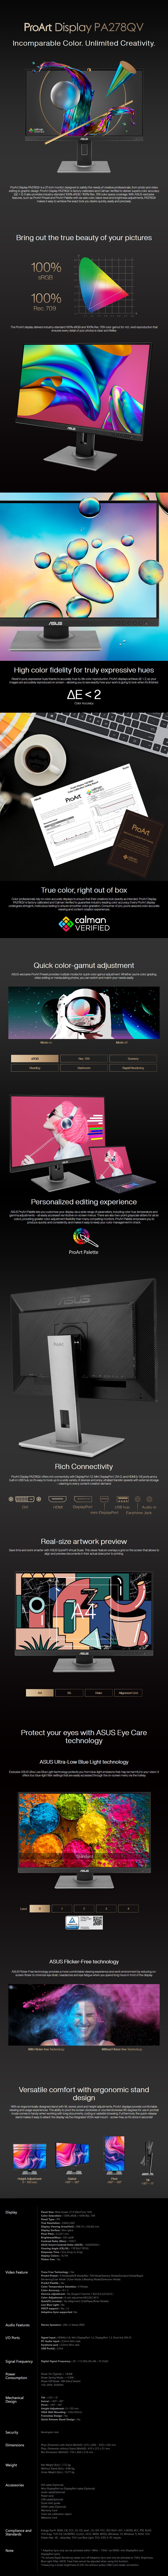 asus-proart-pa278qv-27-75hz-wqhd-100-srgb-professional-ips-monitor-ac38702-8.jpg